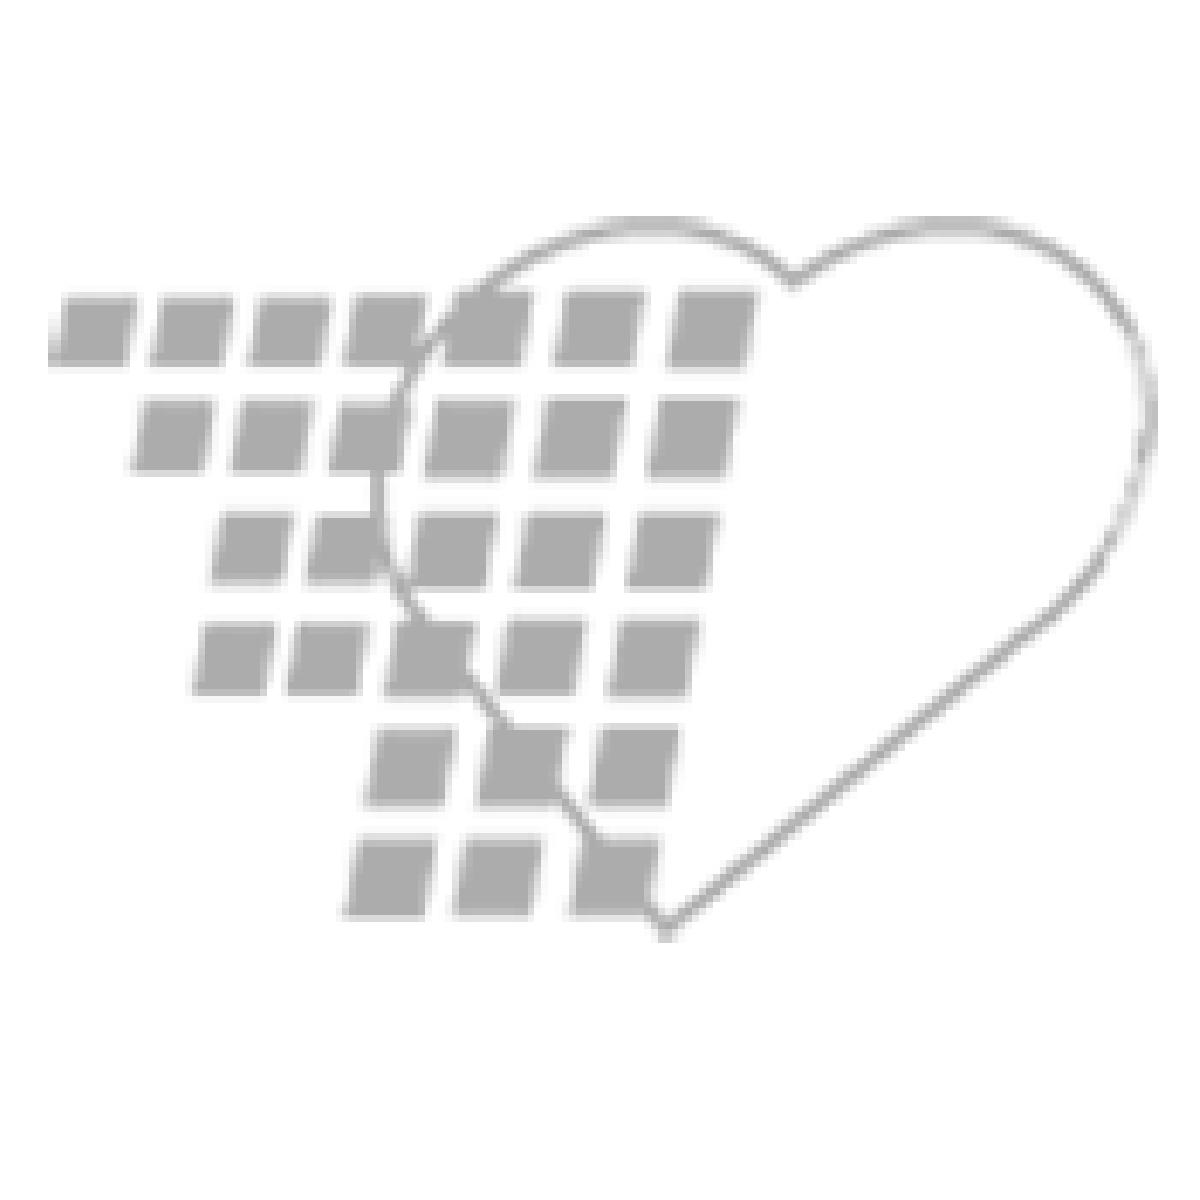 02-38-5001 - Assure® Platinum Blood Glucose Meter